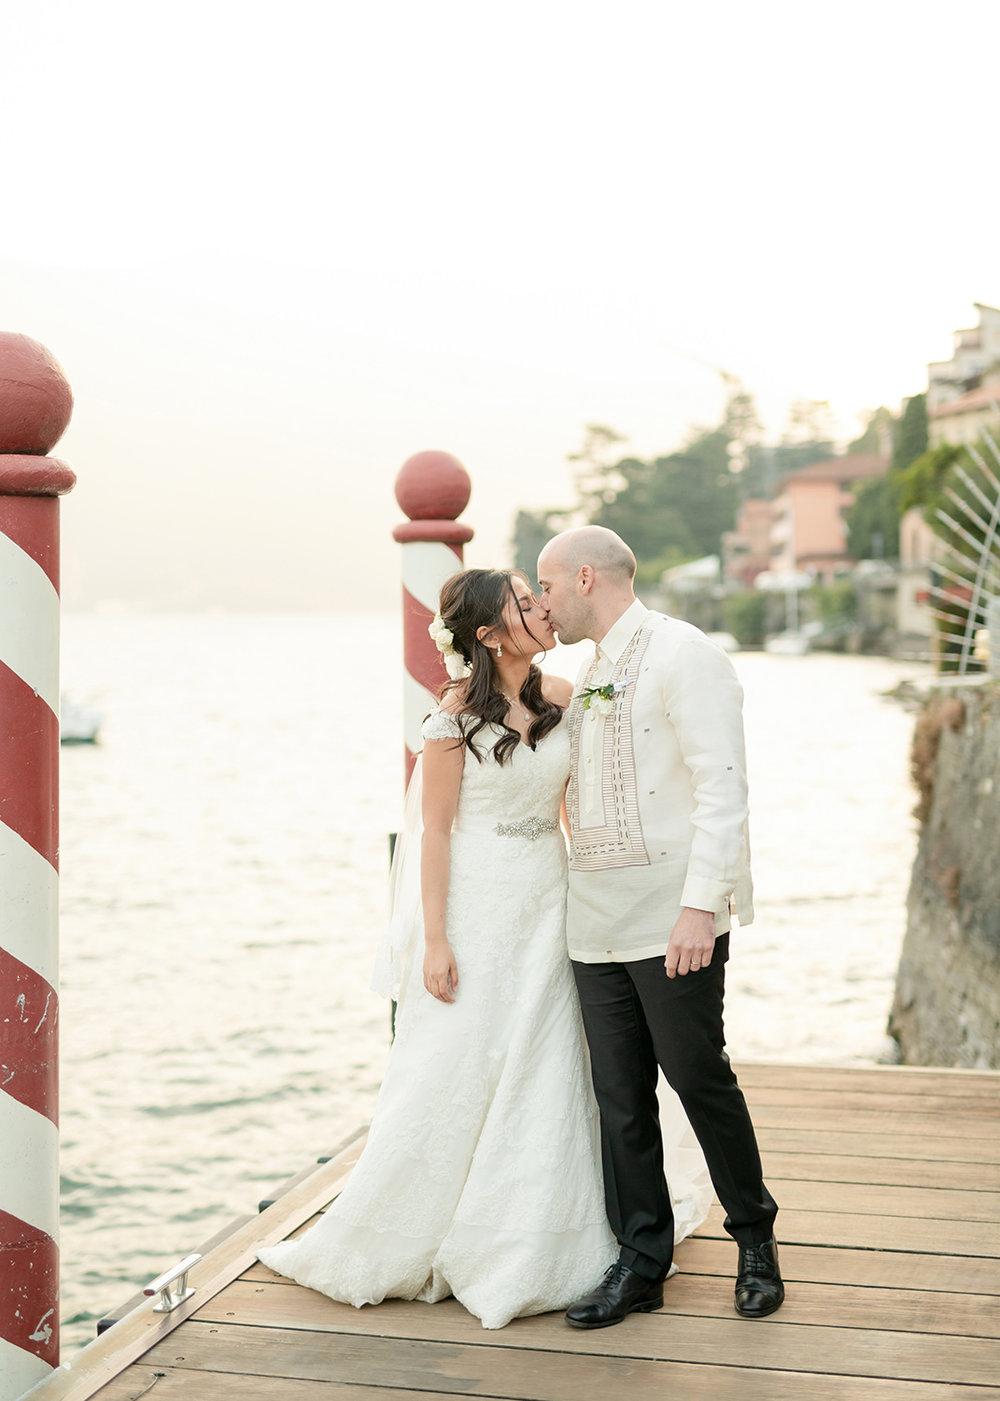 villa-regina-teodolinda-wedding-photographer-C&B-©bottega53-75.JPG